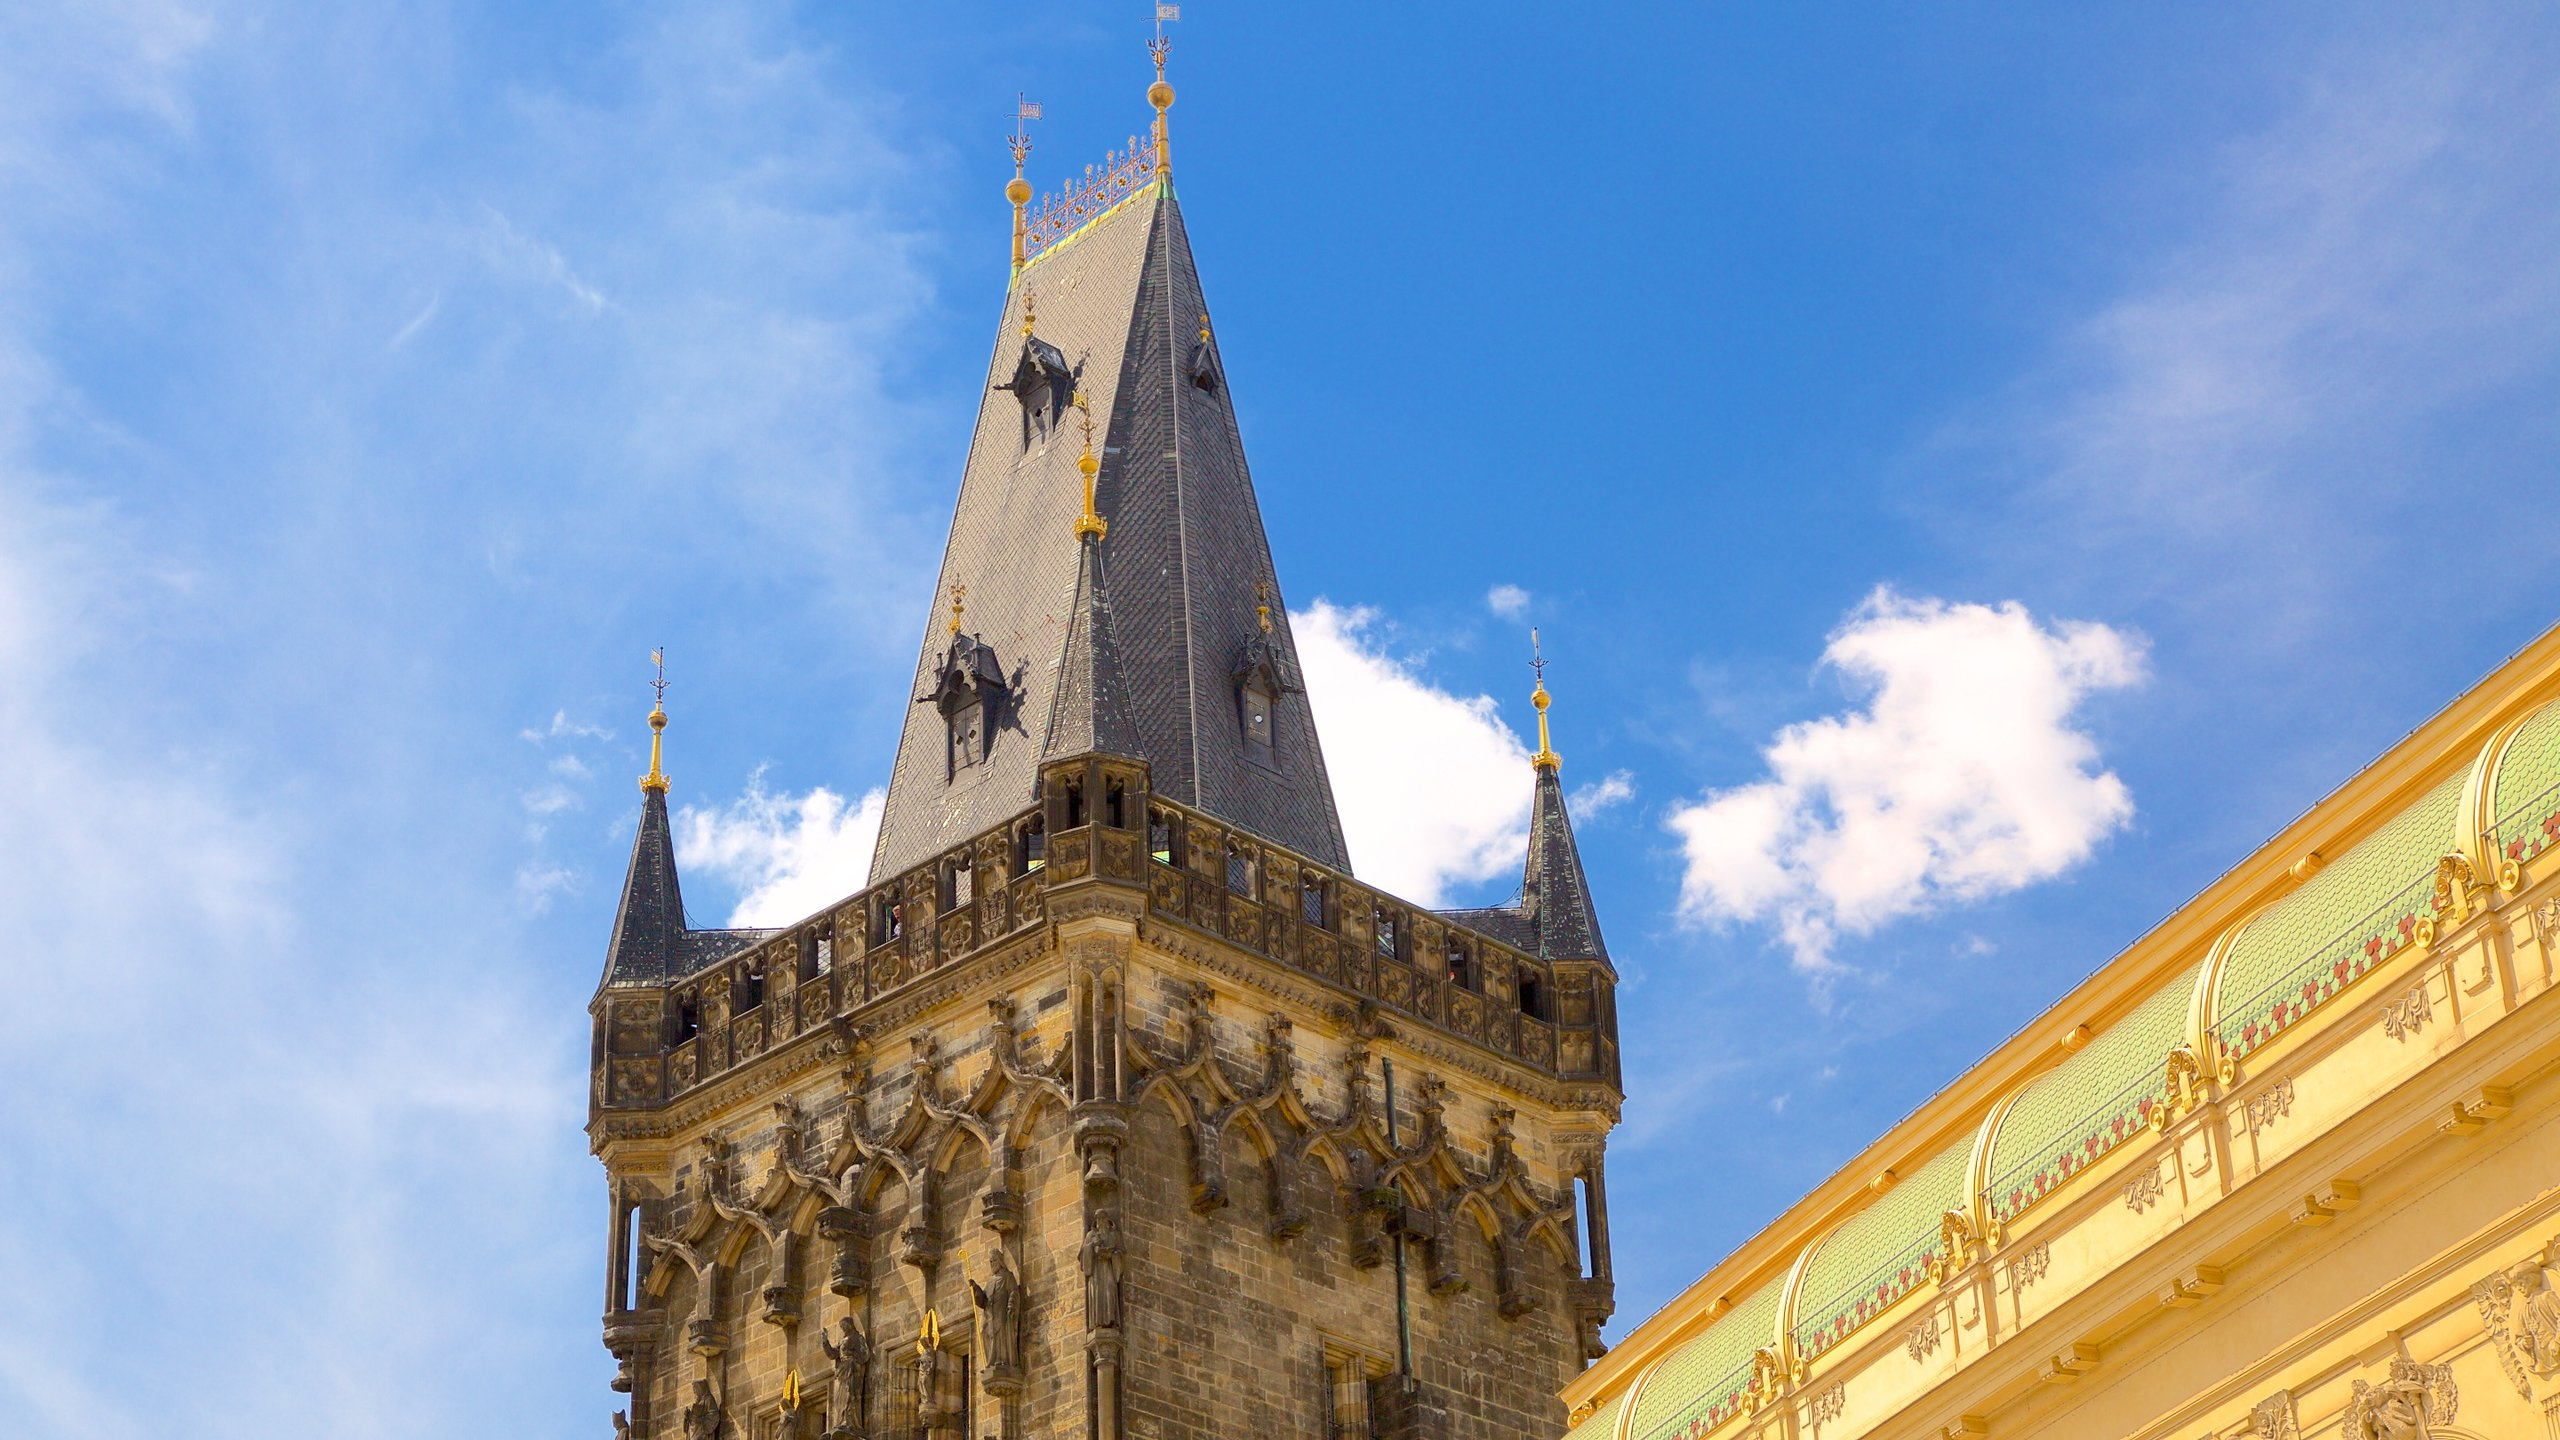 走過這座壯麗宏偉的建築,想像昔日古城牆內的布拉格。